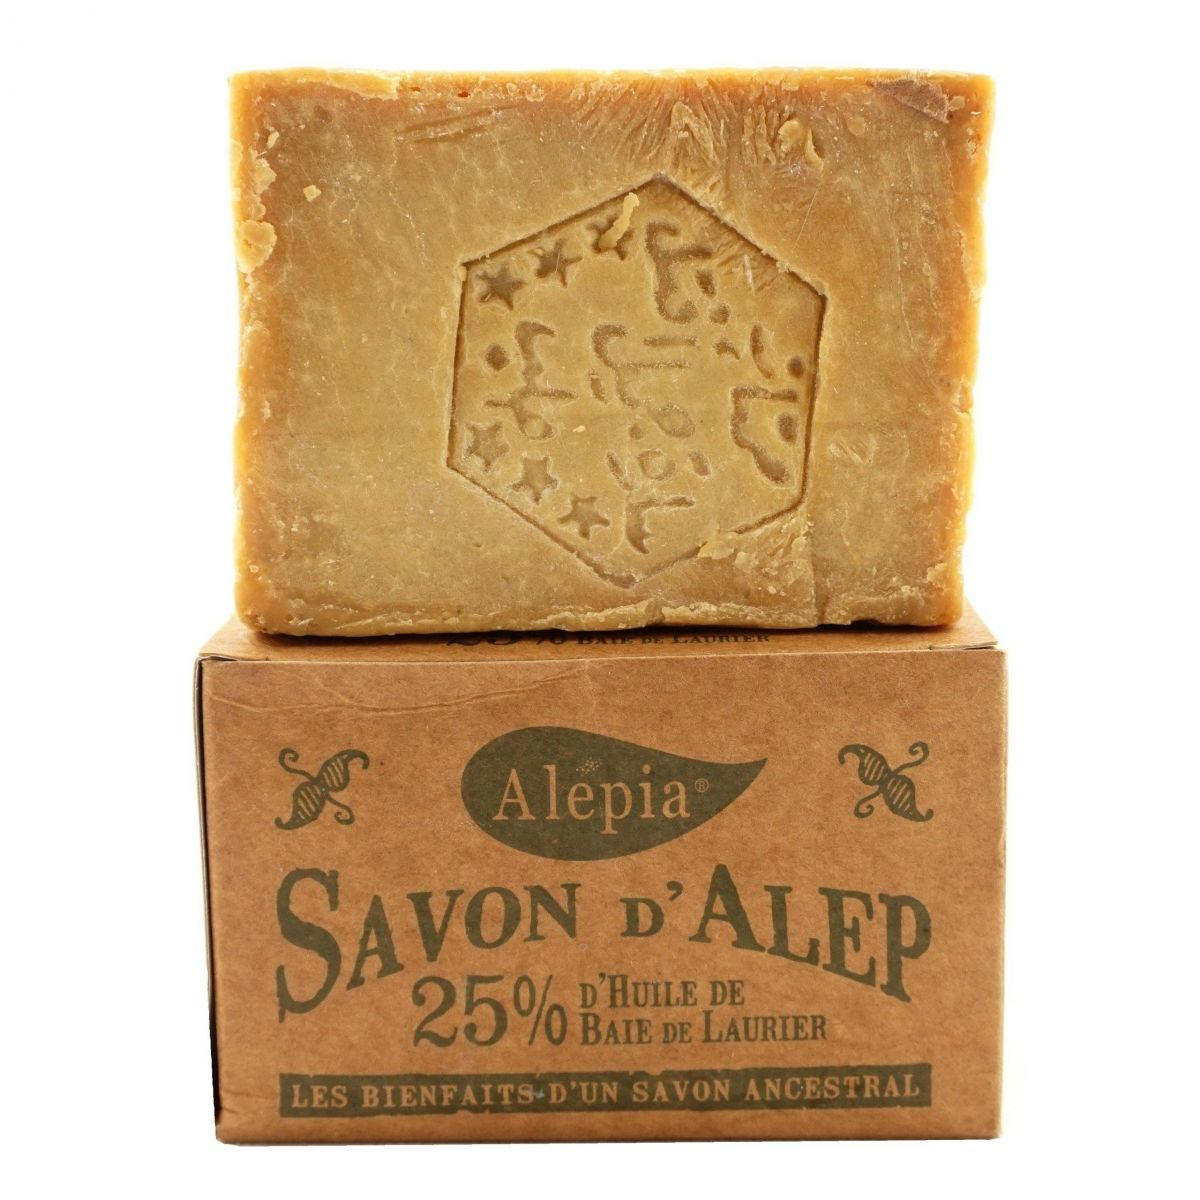 Mydło Alep z Aleppo 25% Laurie - 190g - Alepia